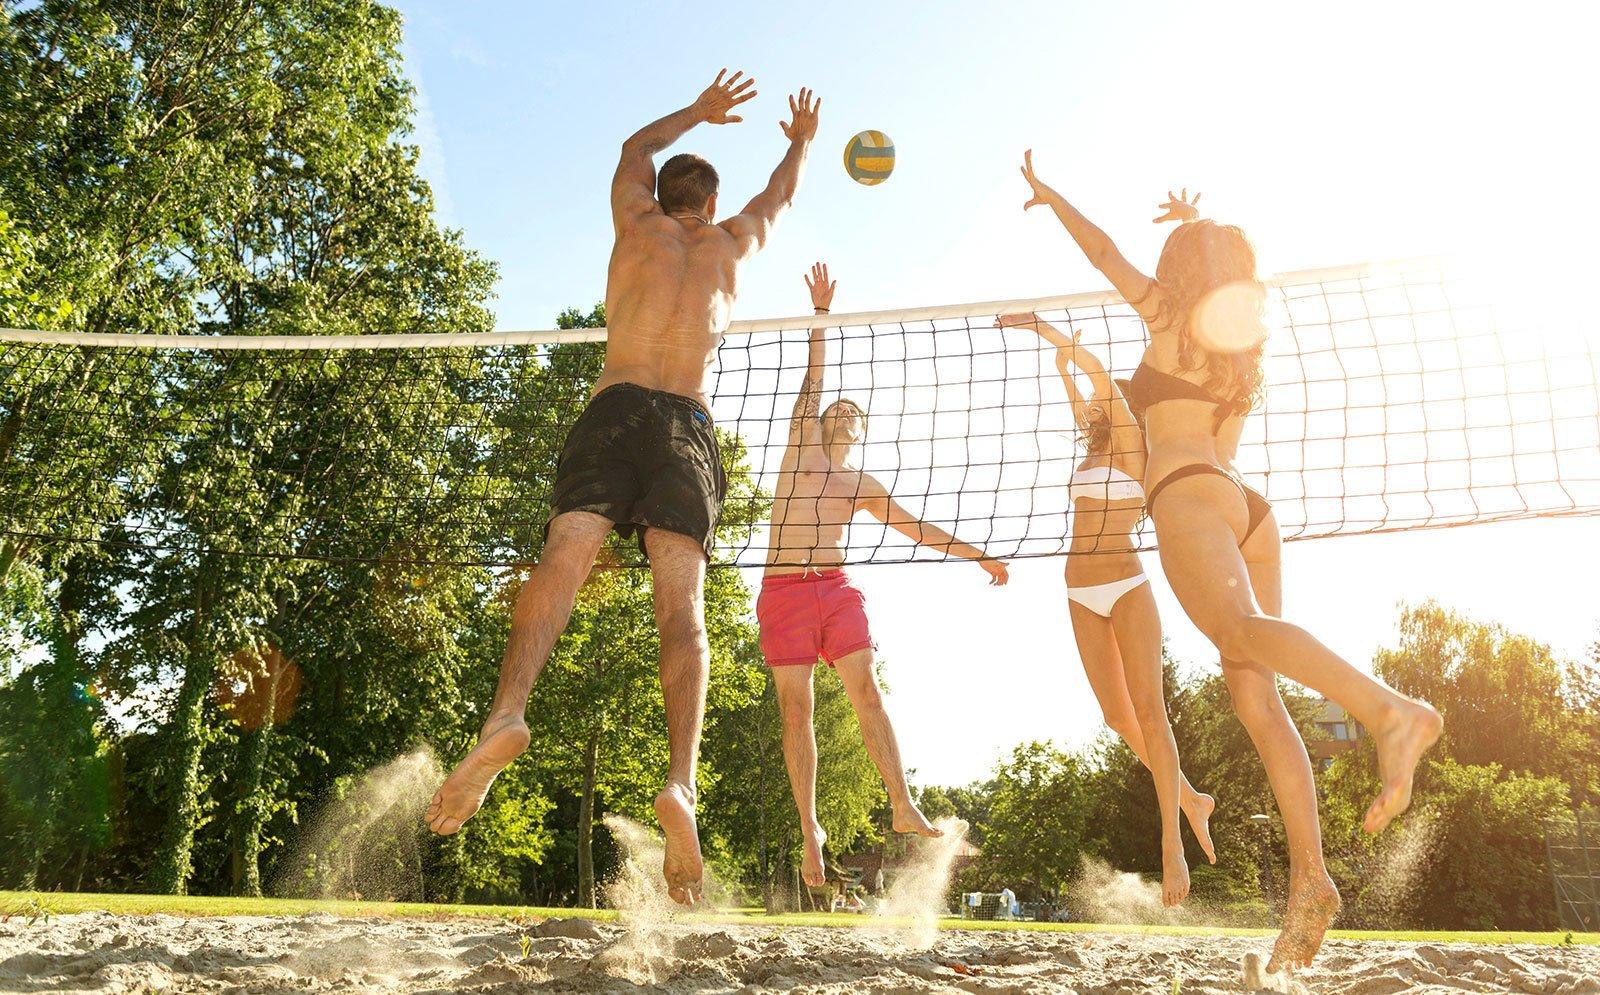 Пляжний волейбол: що це, правила і відмінності з традиційним